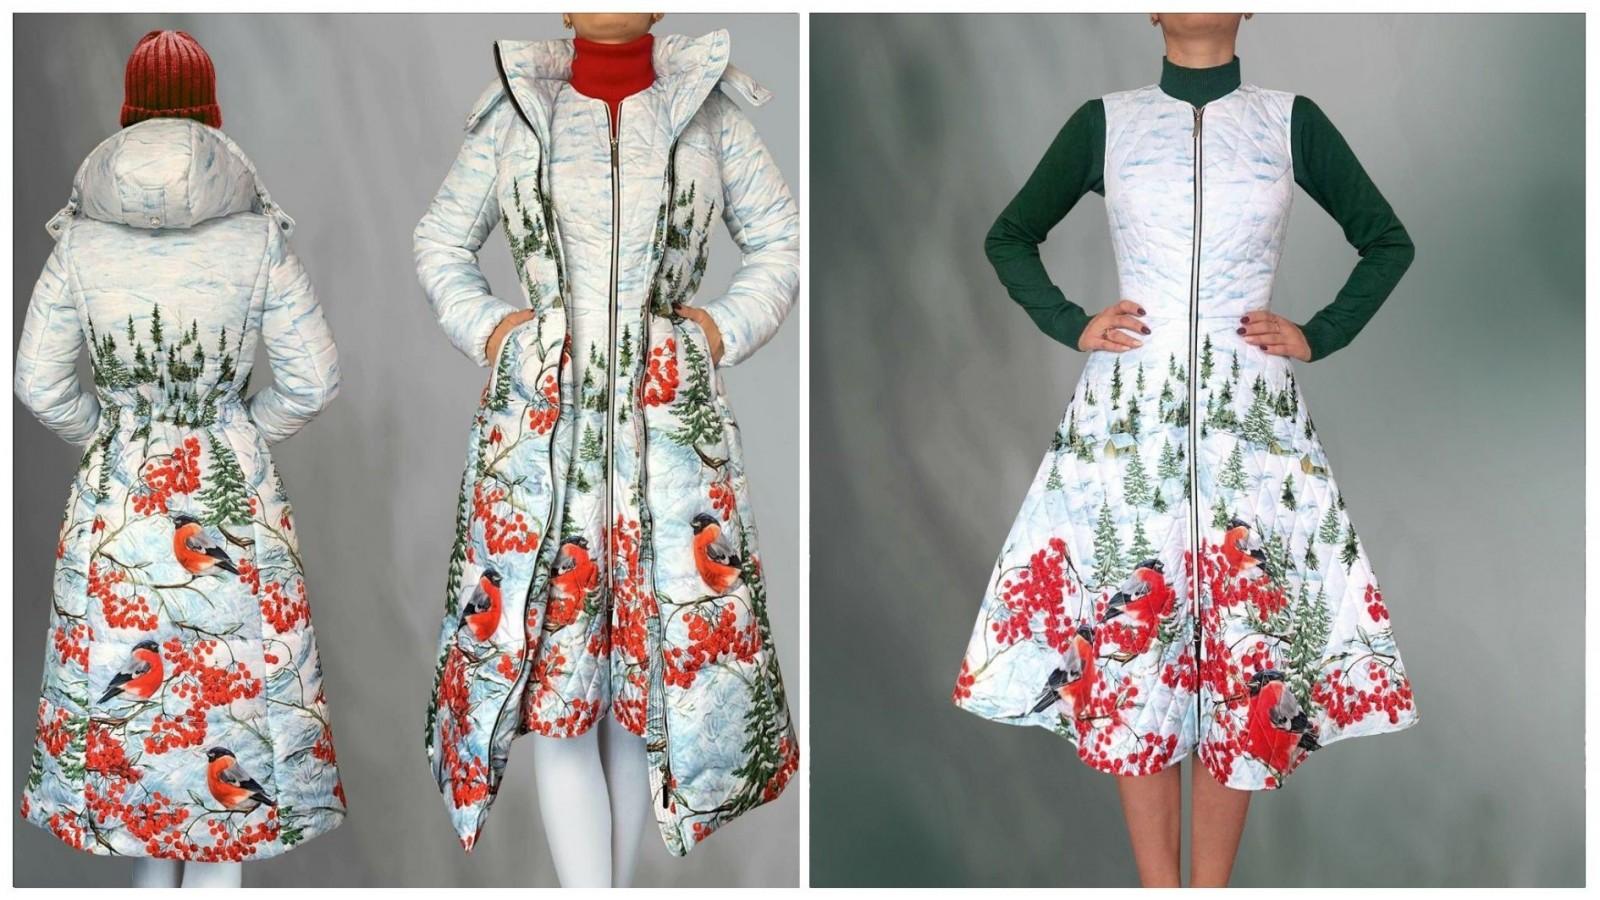 Пуховик Максима (Снегири), стоимость 19500₽. Платье Роза (Снегири и рябина), стоимость 7500₽. Стоимость водолазки 1850₽